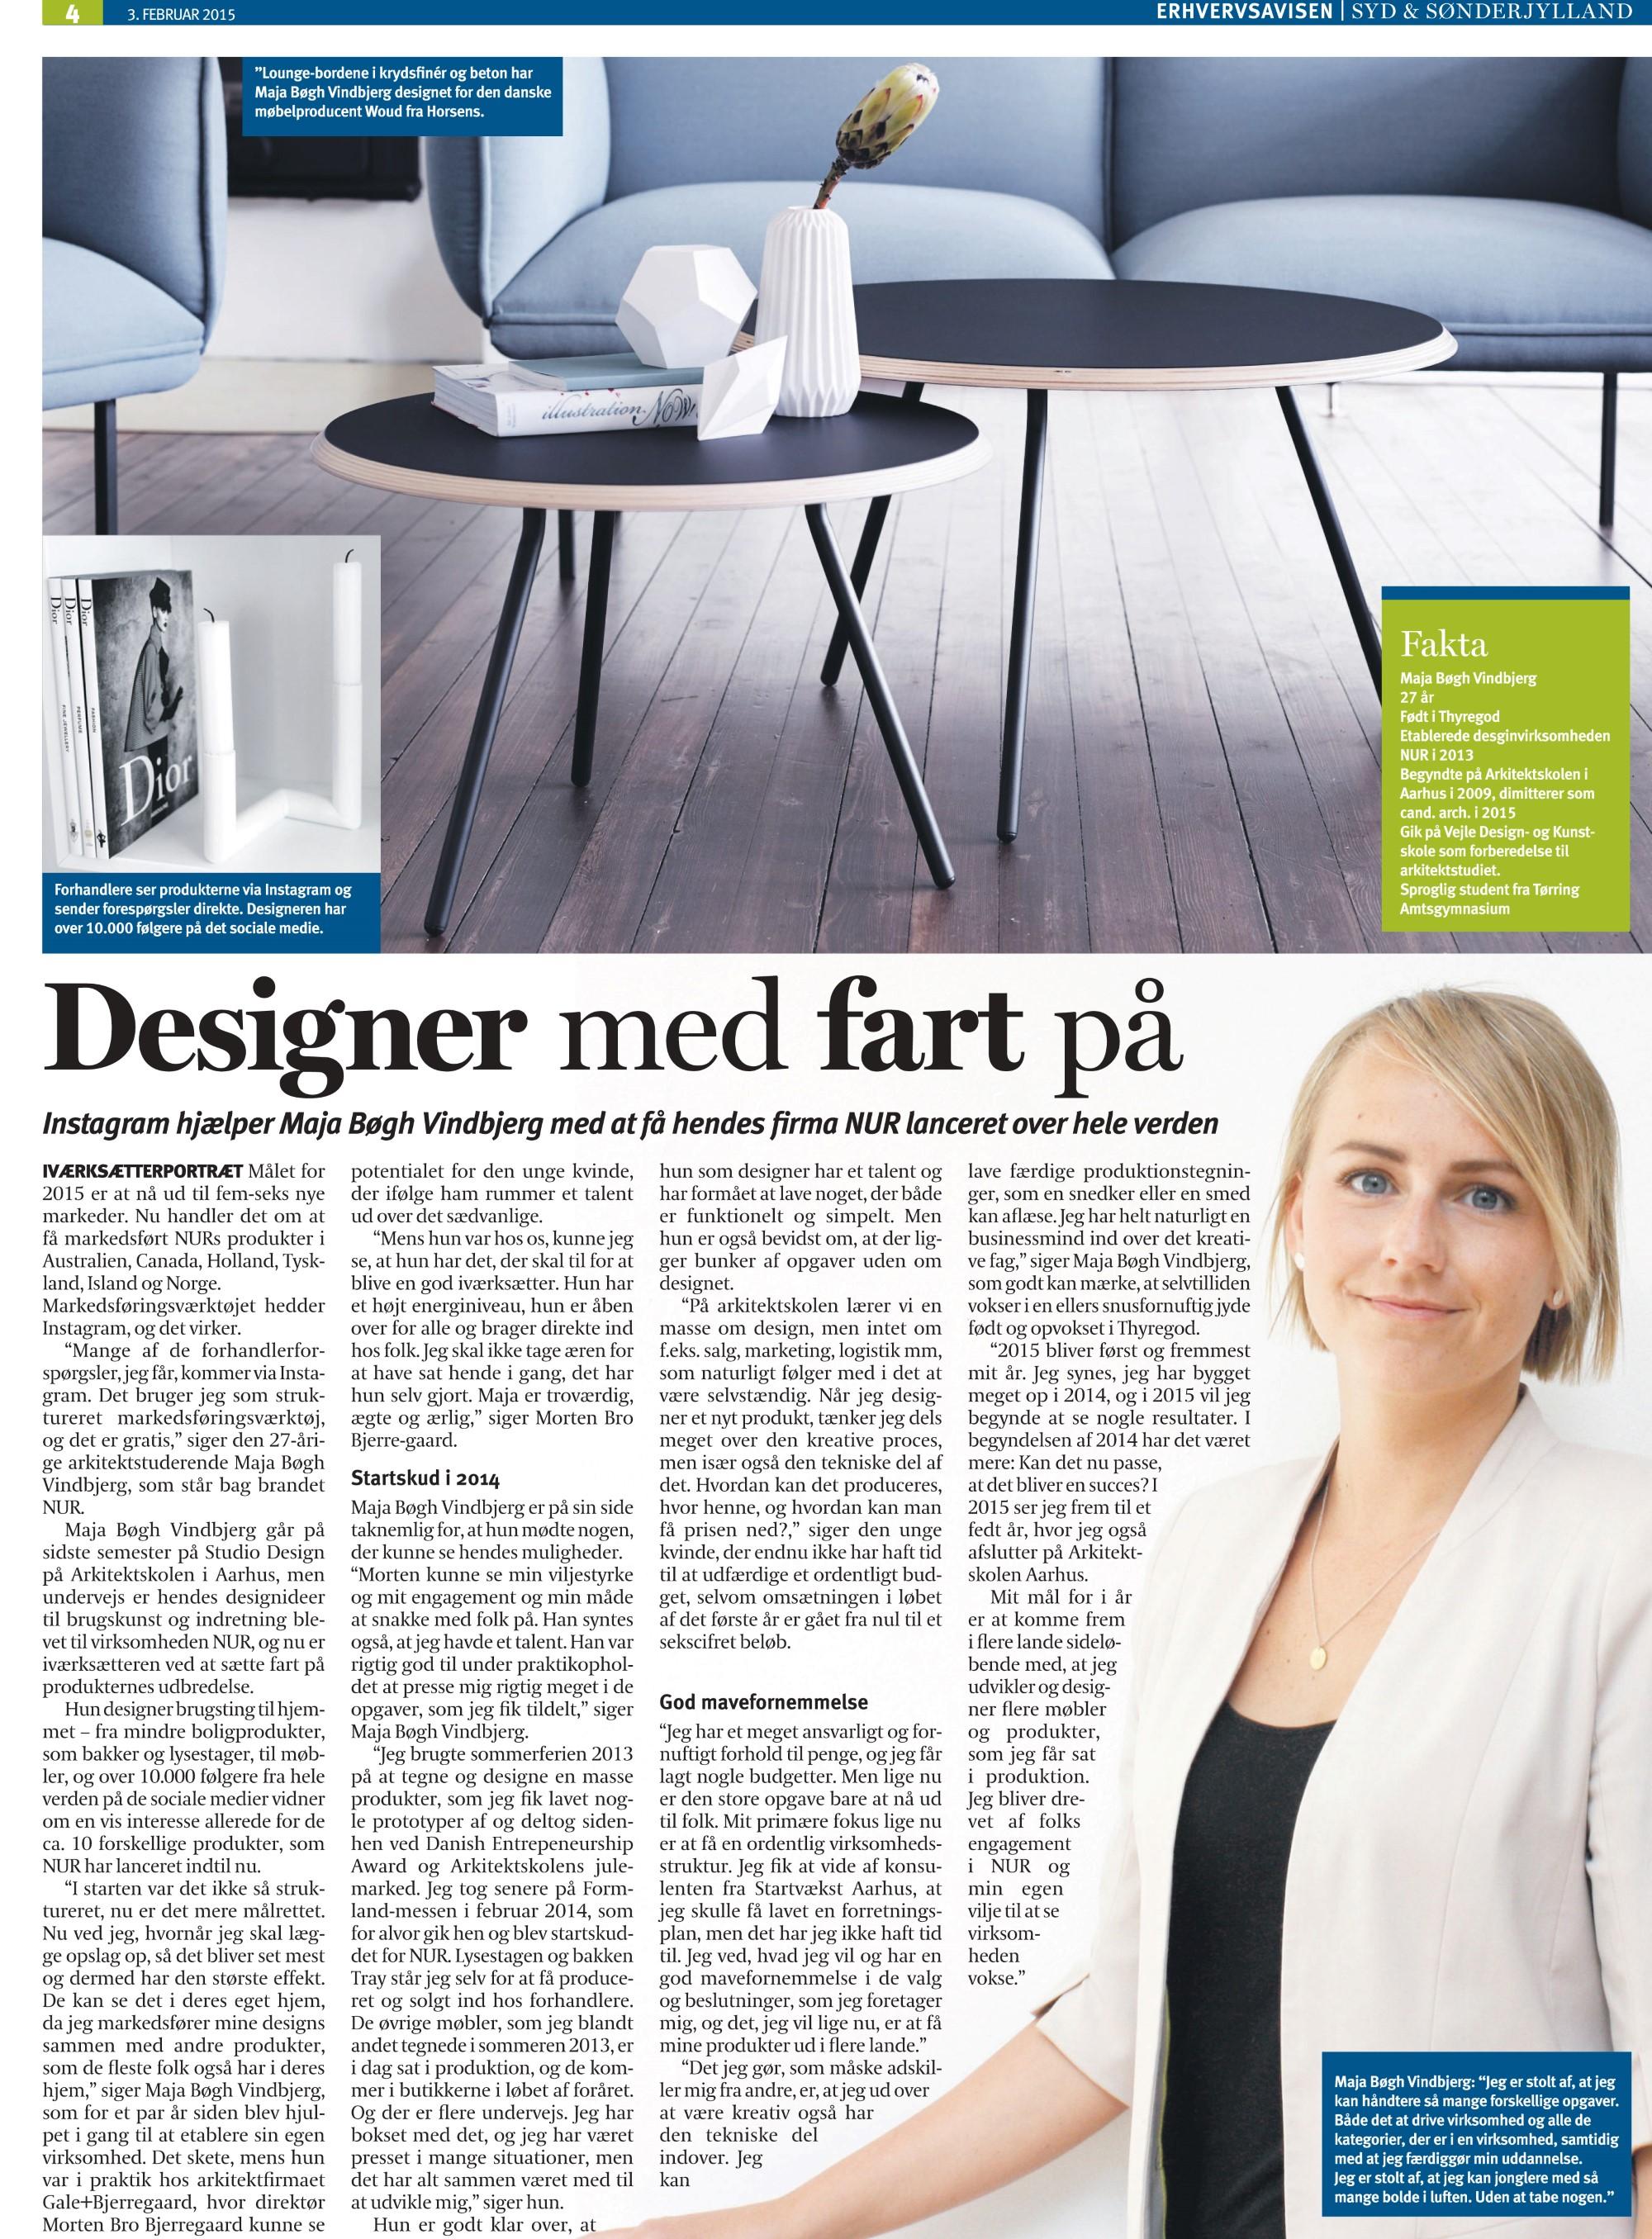 Artikel Erhvervsavisen Nur Design